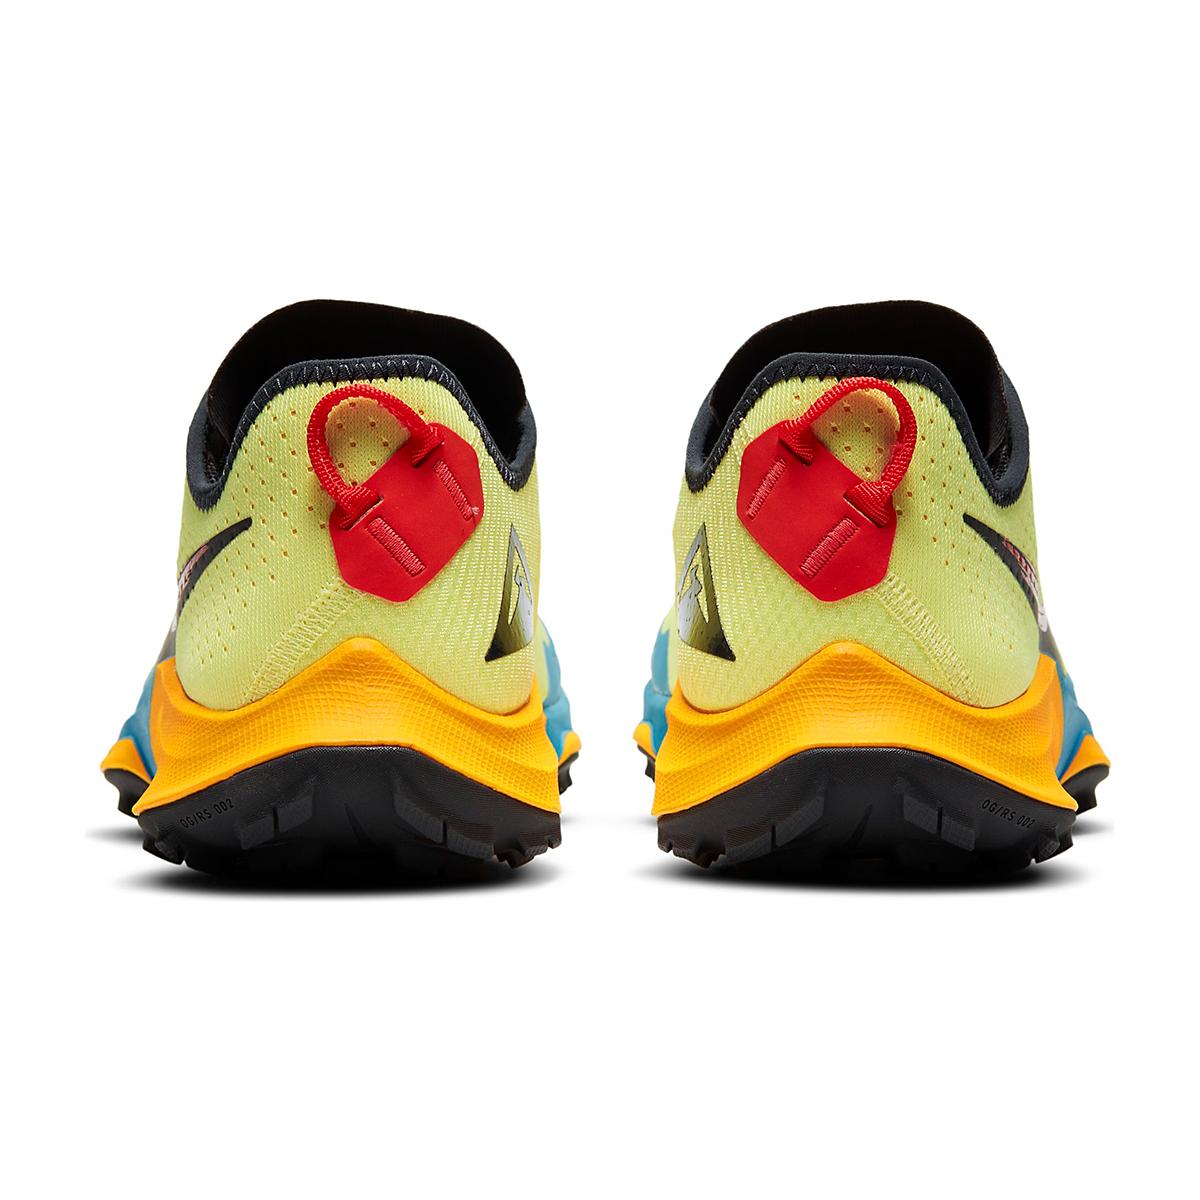 Men's Nike Air Zoom Terra Kiger 7 Trail Running Shoe - Color: Limelight/Off Noir/Laser Blue - Size: 6.5 - Width: Regular, Limelight/Off Noir/Laser Blue, large, image 5